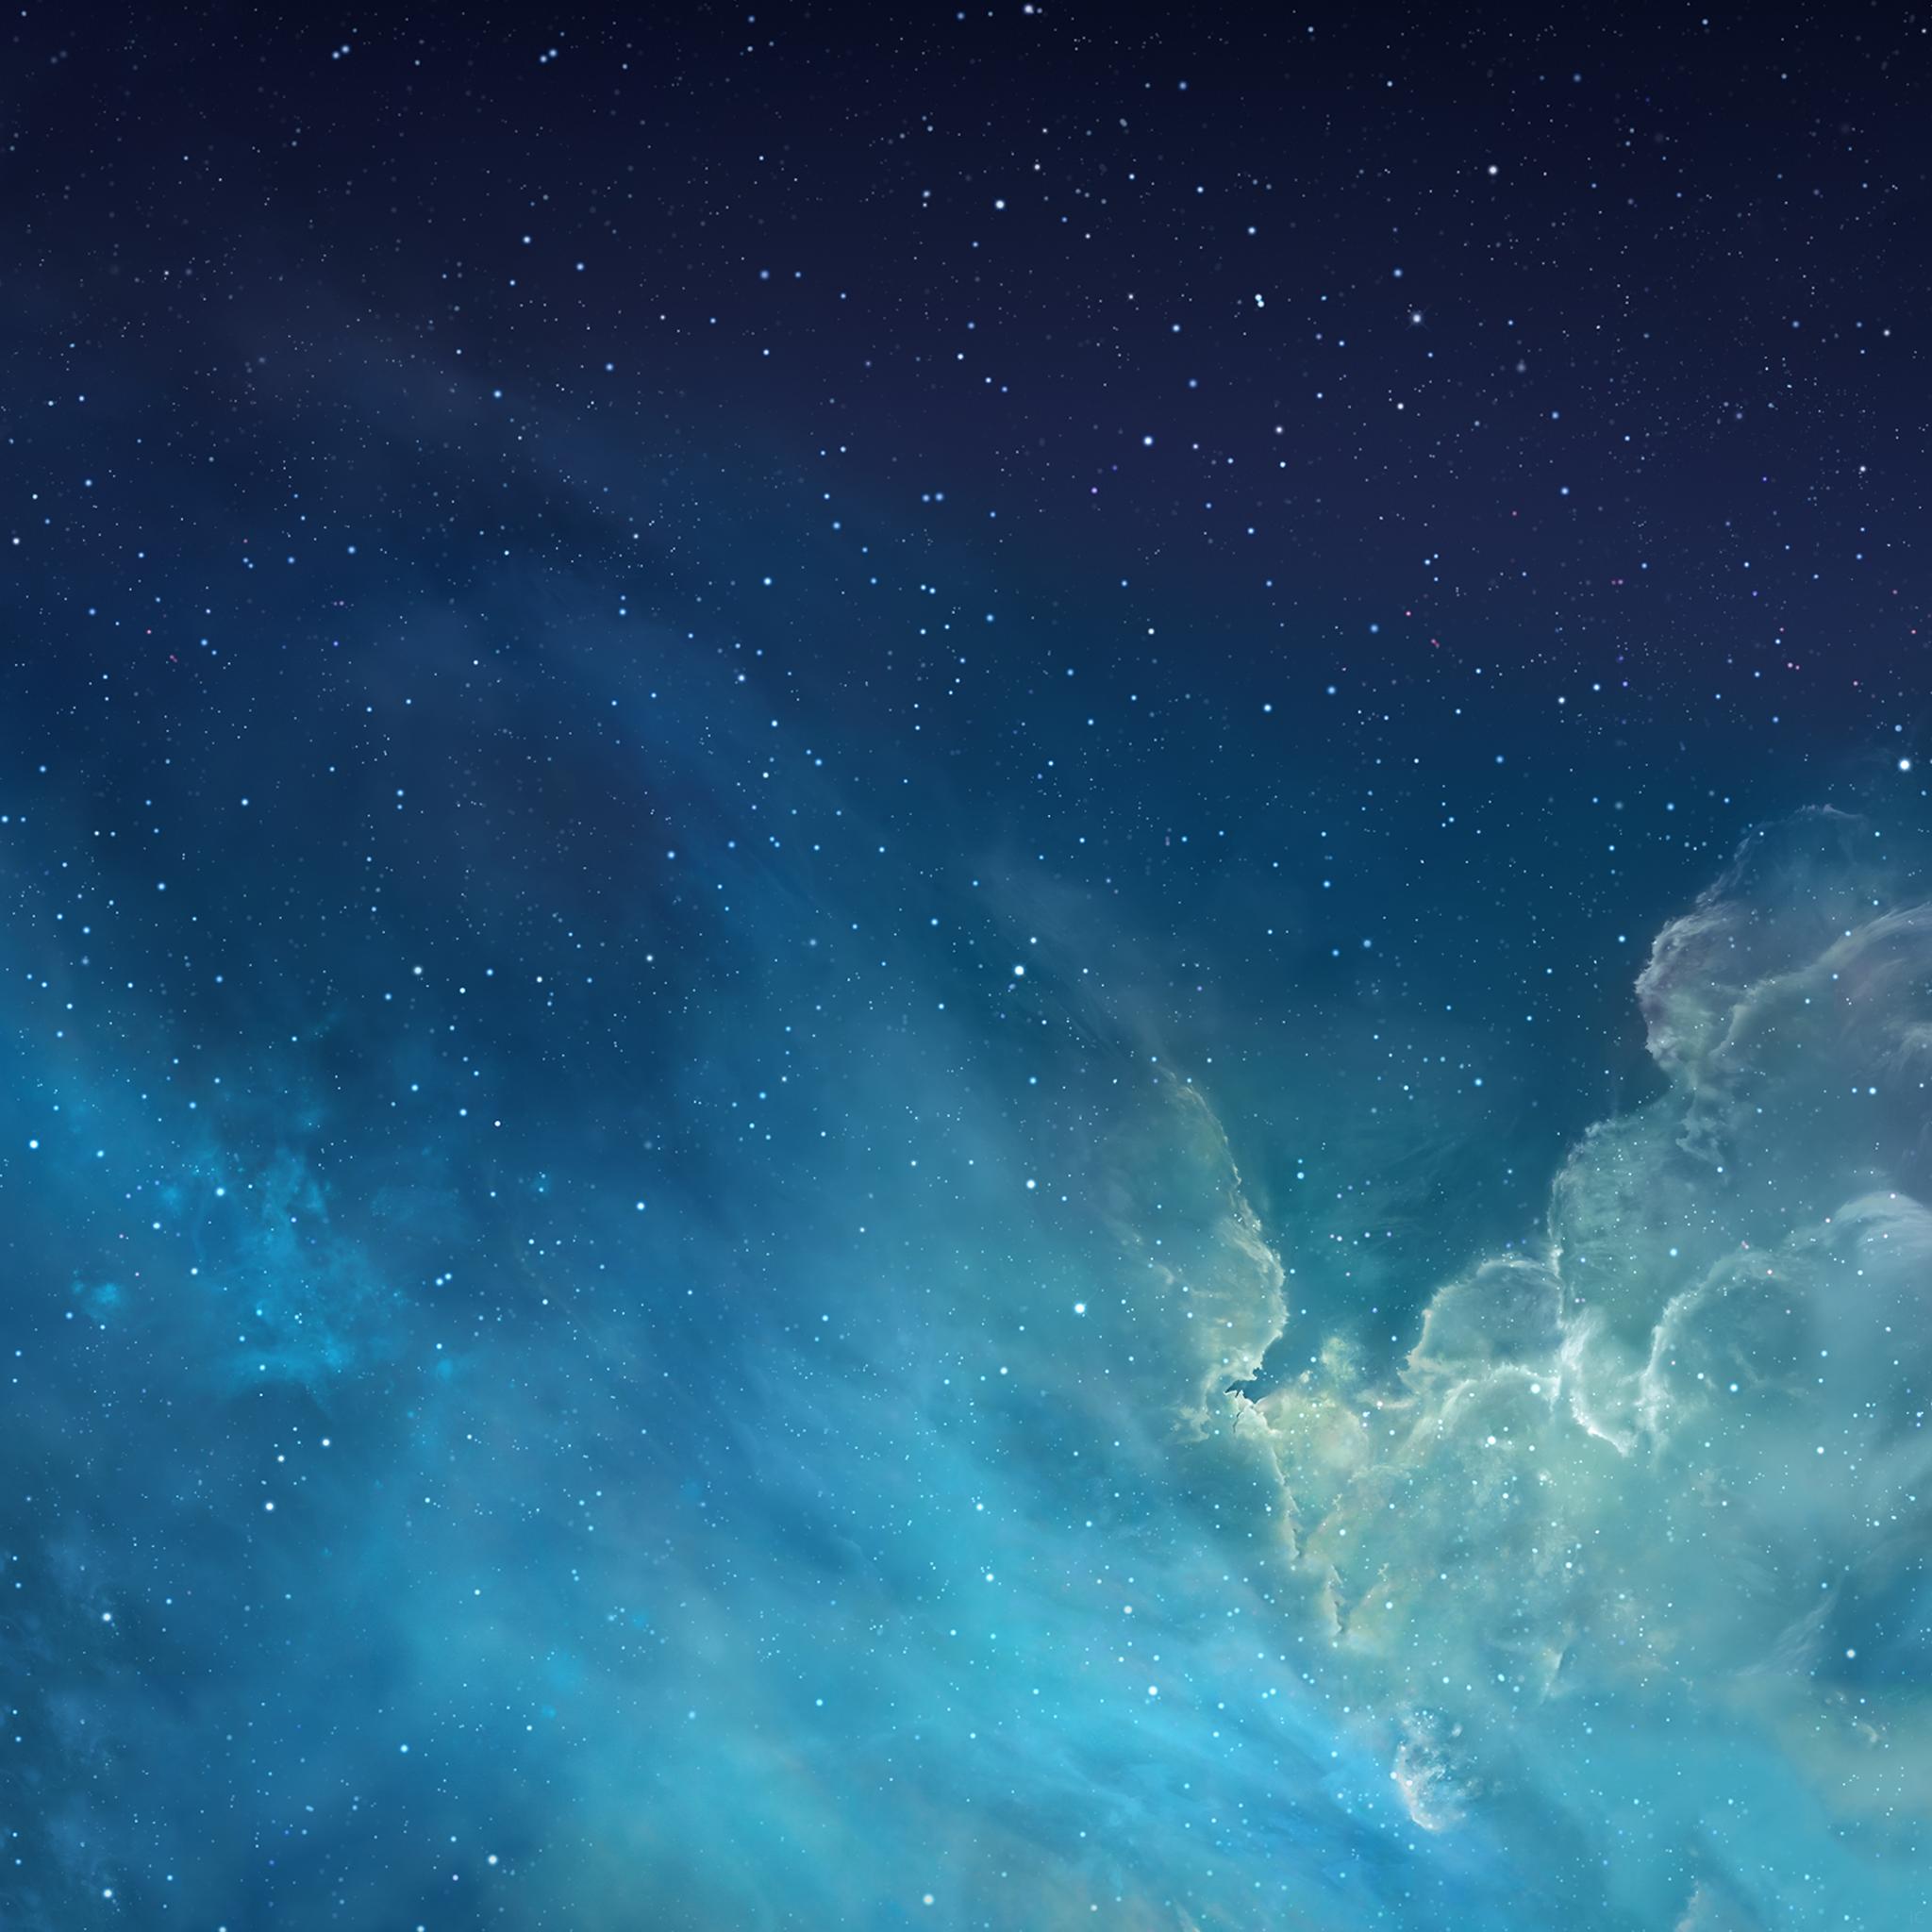 Wallpaper do iOS 7 para iPad